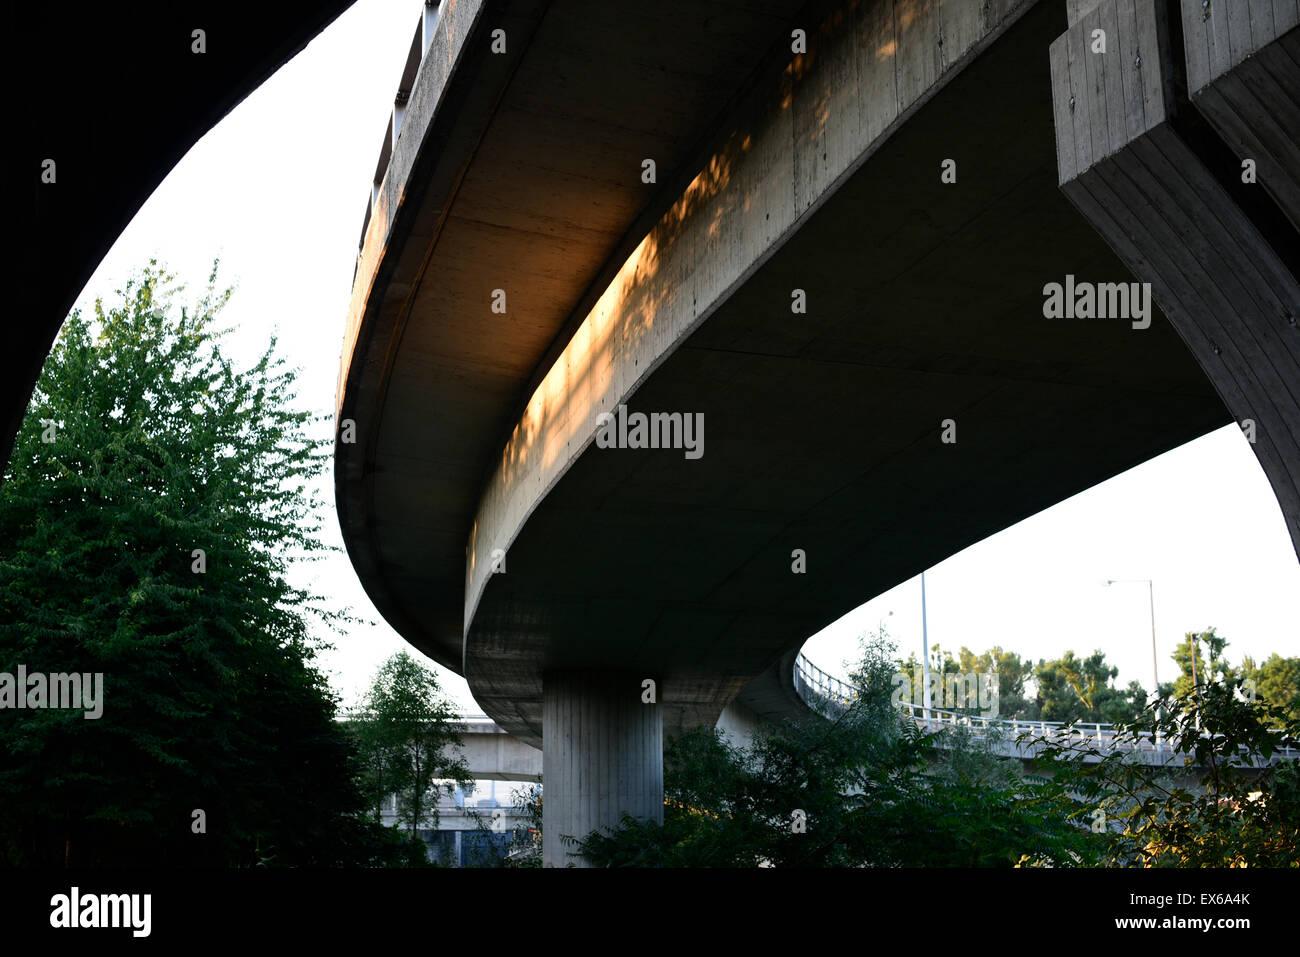 Brücken, Donaukanal, Wien, Österreich - Stock Image